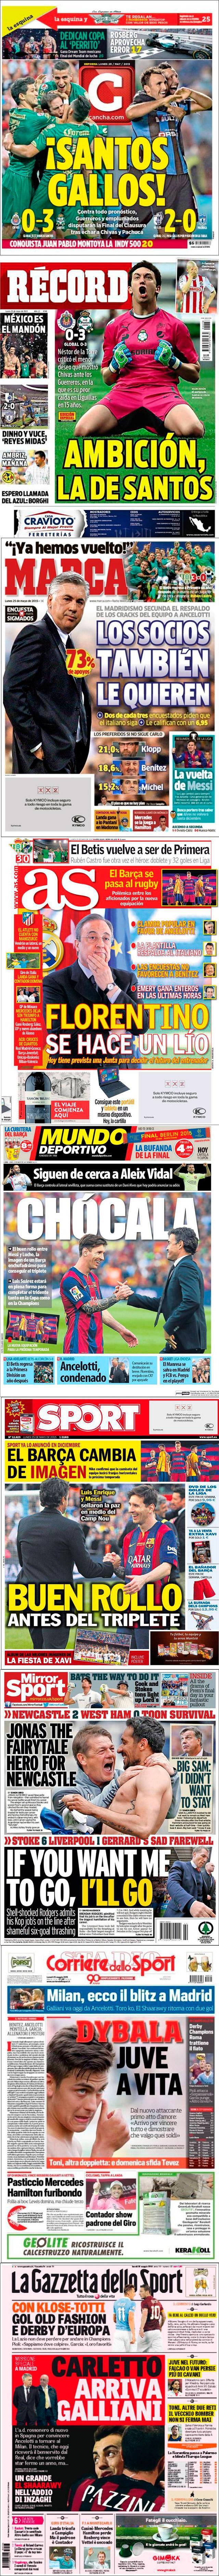 La prensa deportiva más importante del 25 de mayo de 2015.